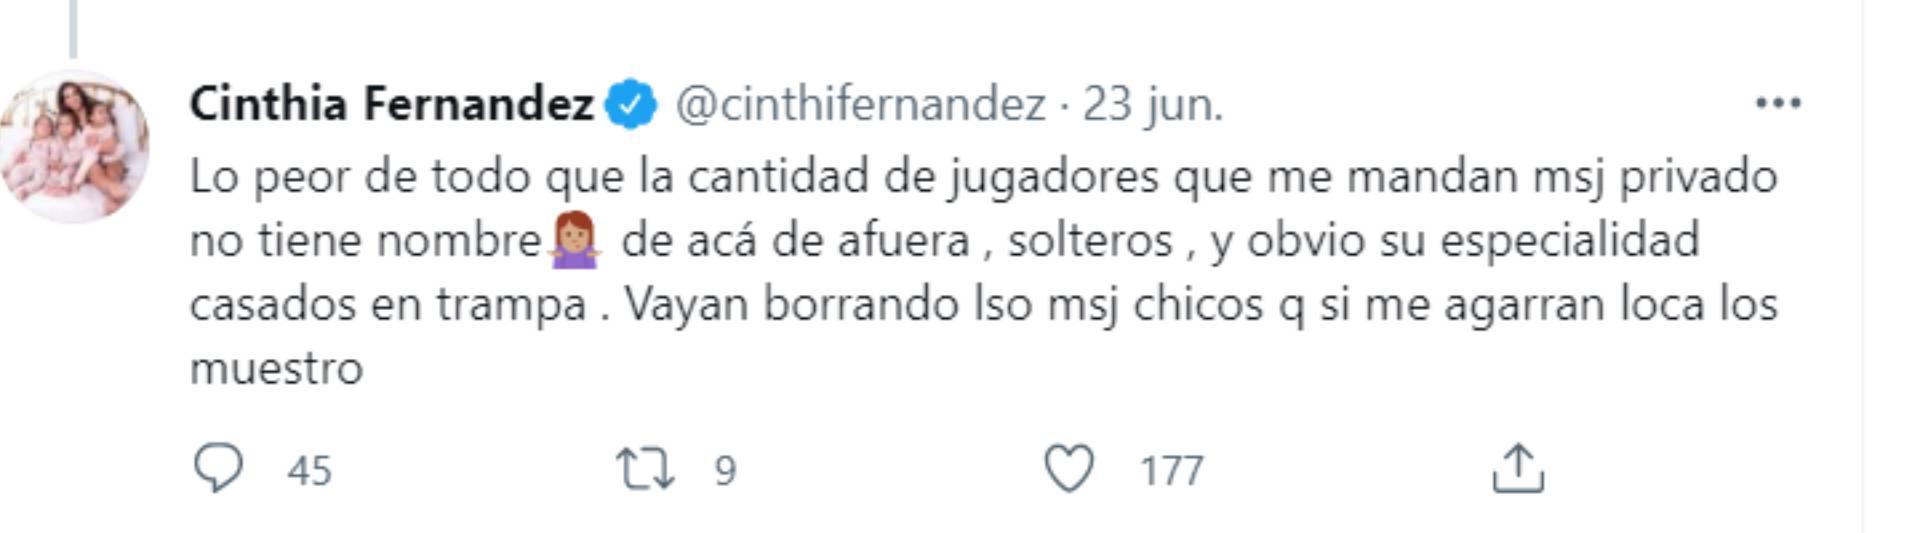 La advertencia de Cinthia Fernández